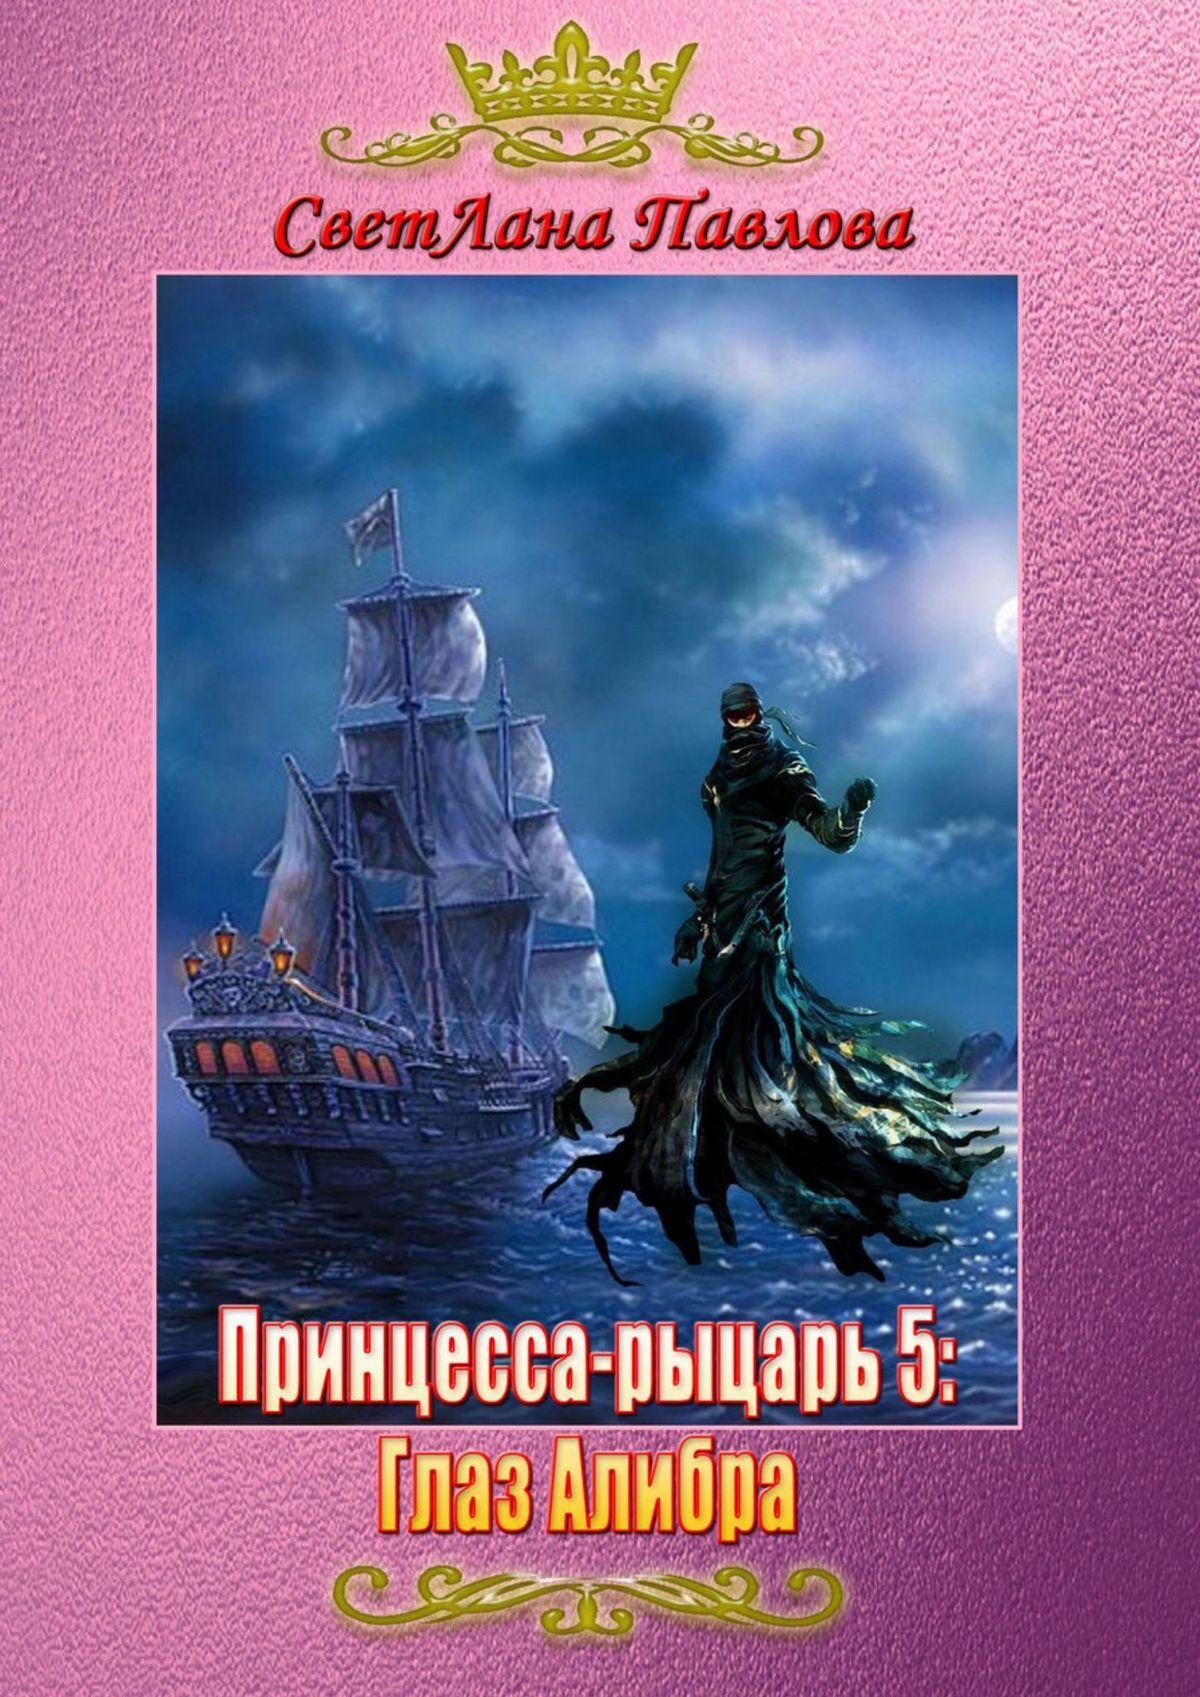 СветЛана Павлова Принцесса-рыцарь: Глаз Алибра. Книга 5 светлана павлова принцесса рыцарь сила и власть книга 4